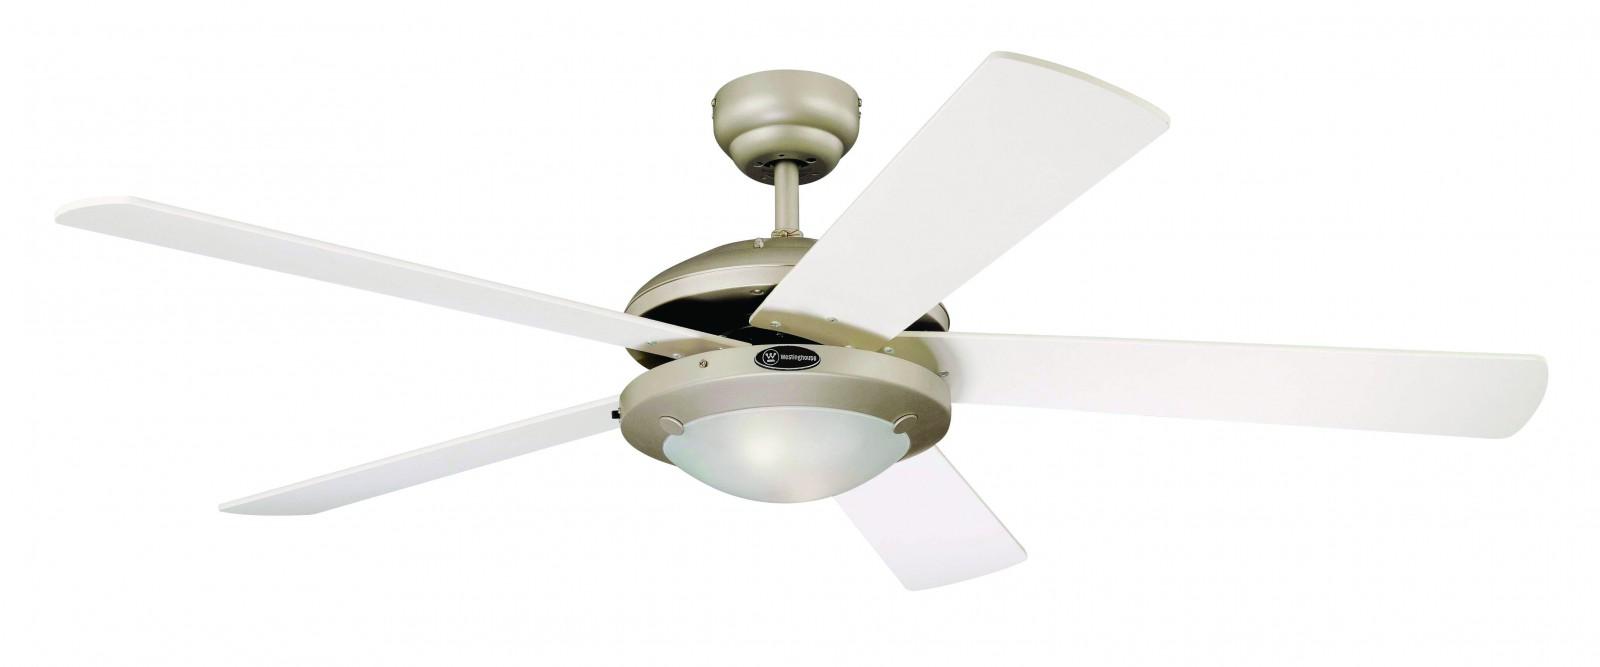 Westinghouse ceiling fan light manual : Westinghouse ceiling fan comet cm quot with lighting